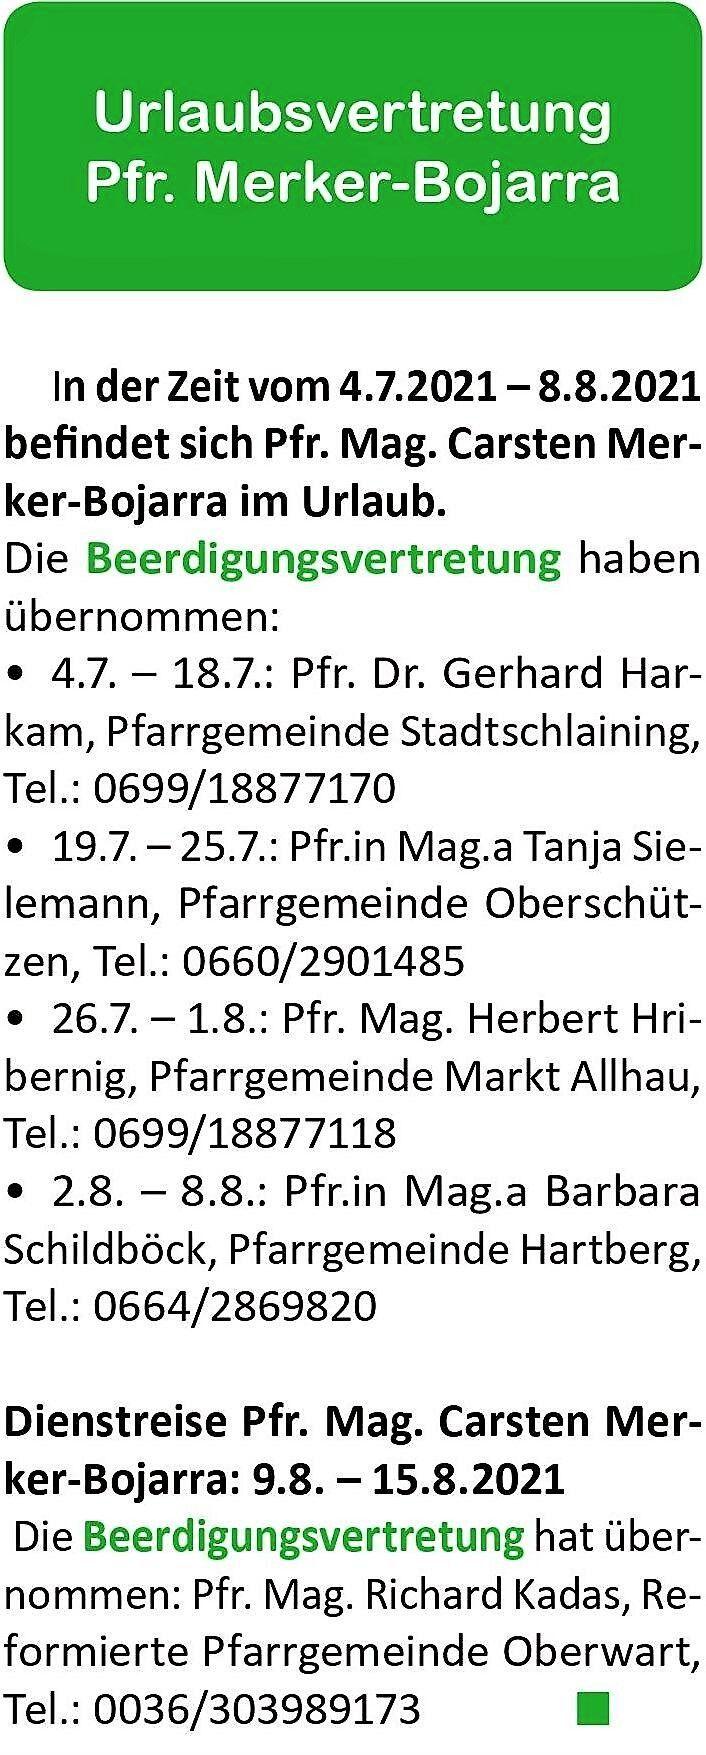 Evangelisches Pfarramt Bad Tatzmannsdorf und